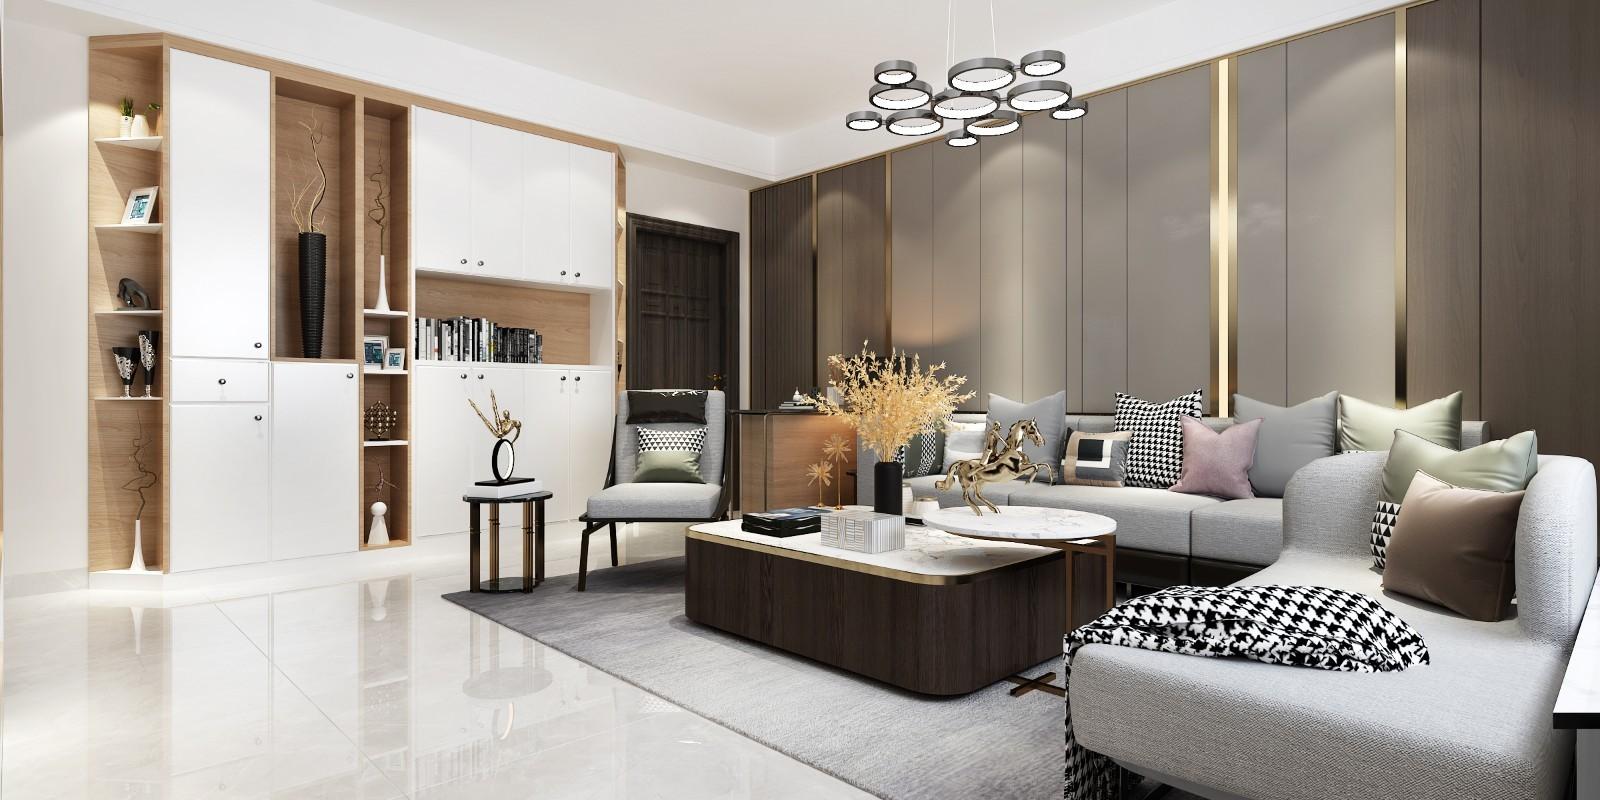 2020簡約110平米裝修設計 2020簡約套房設計圖片